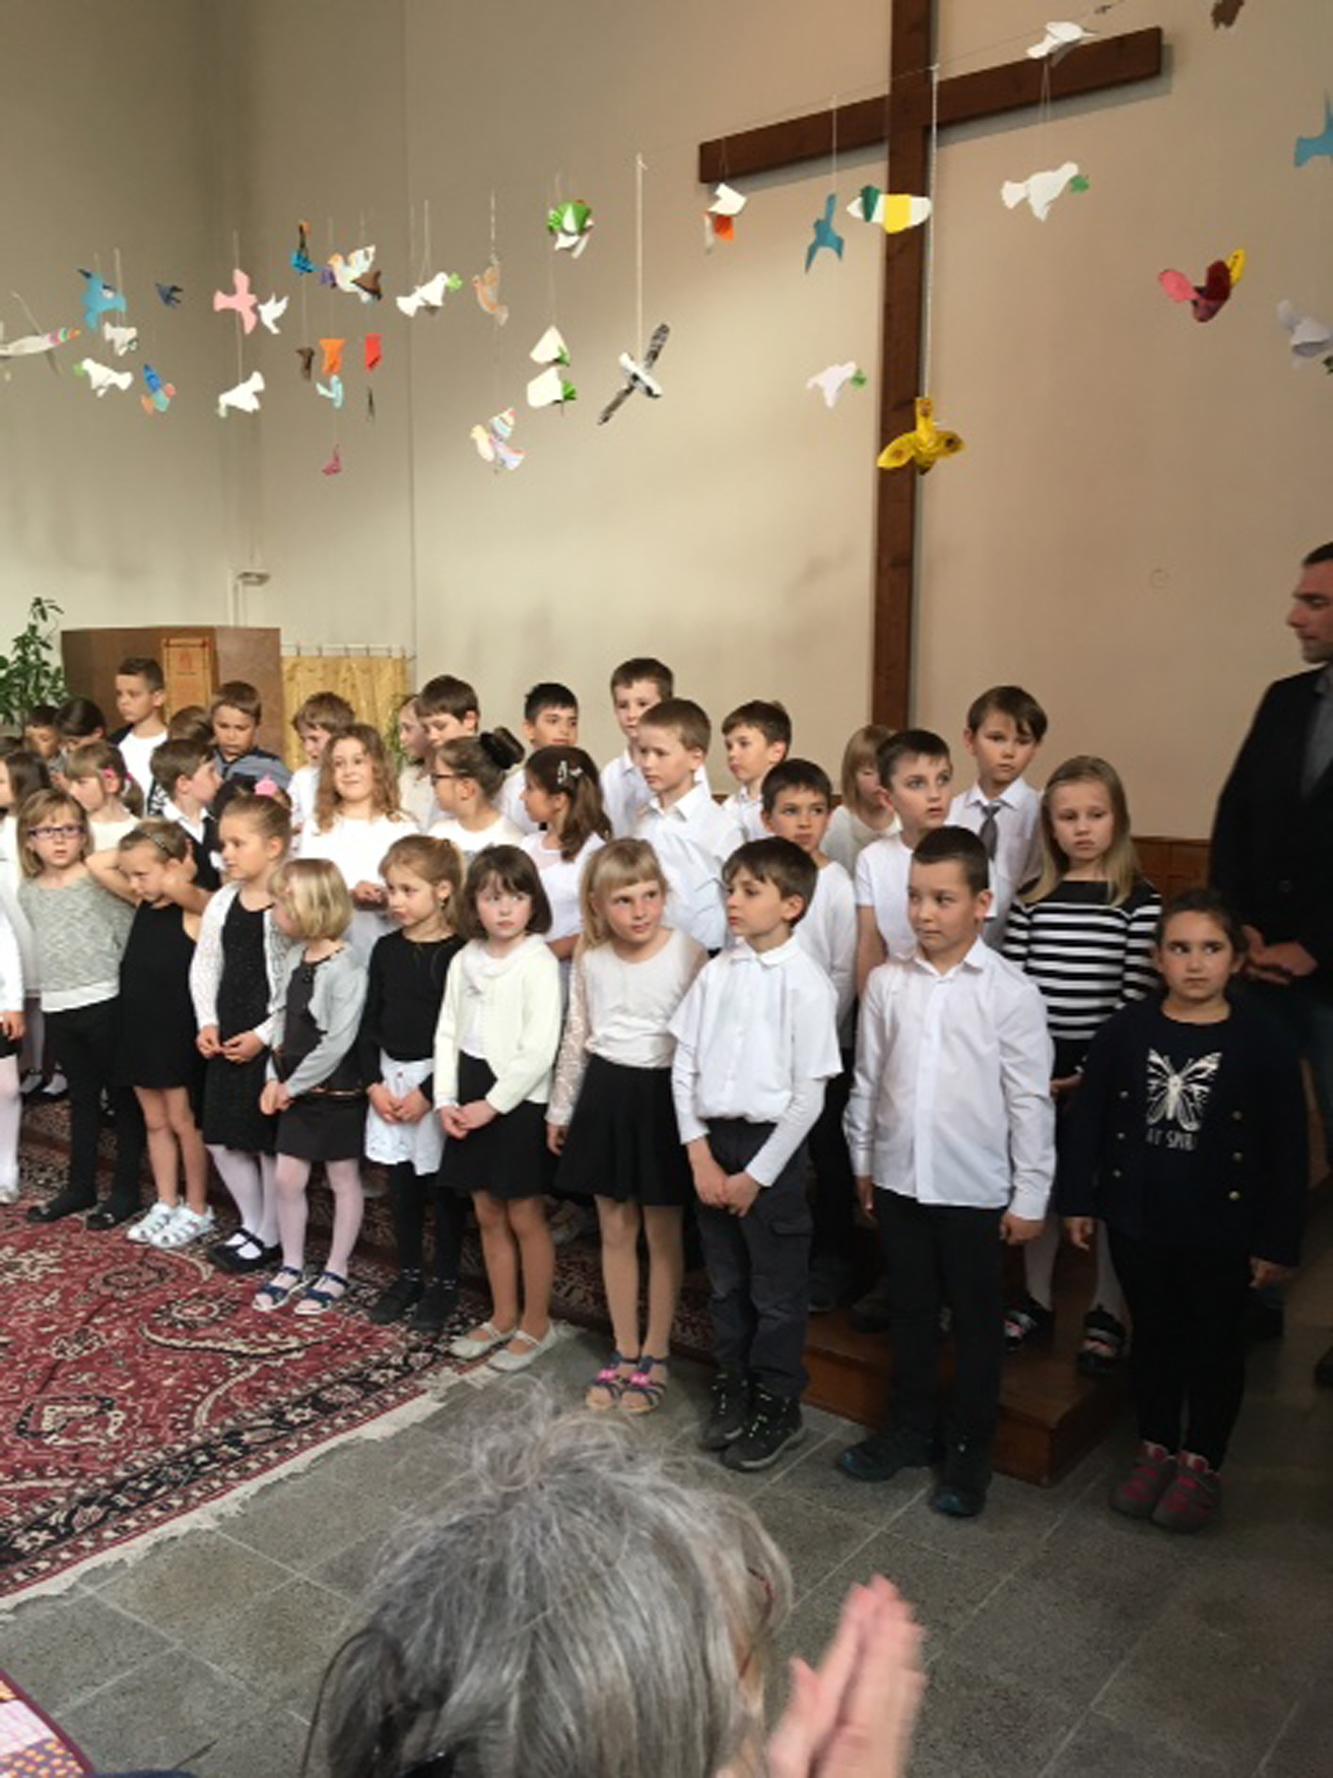 """Der Kinderchor """"Notičky"""" der Kunstschule Klattau begleitete die Vernissage gesanglich. Fotos: Maria Wunder."""